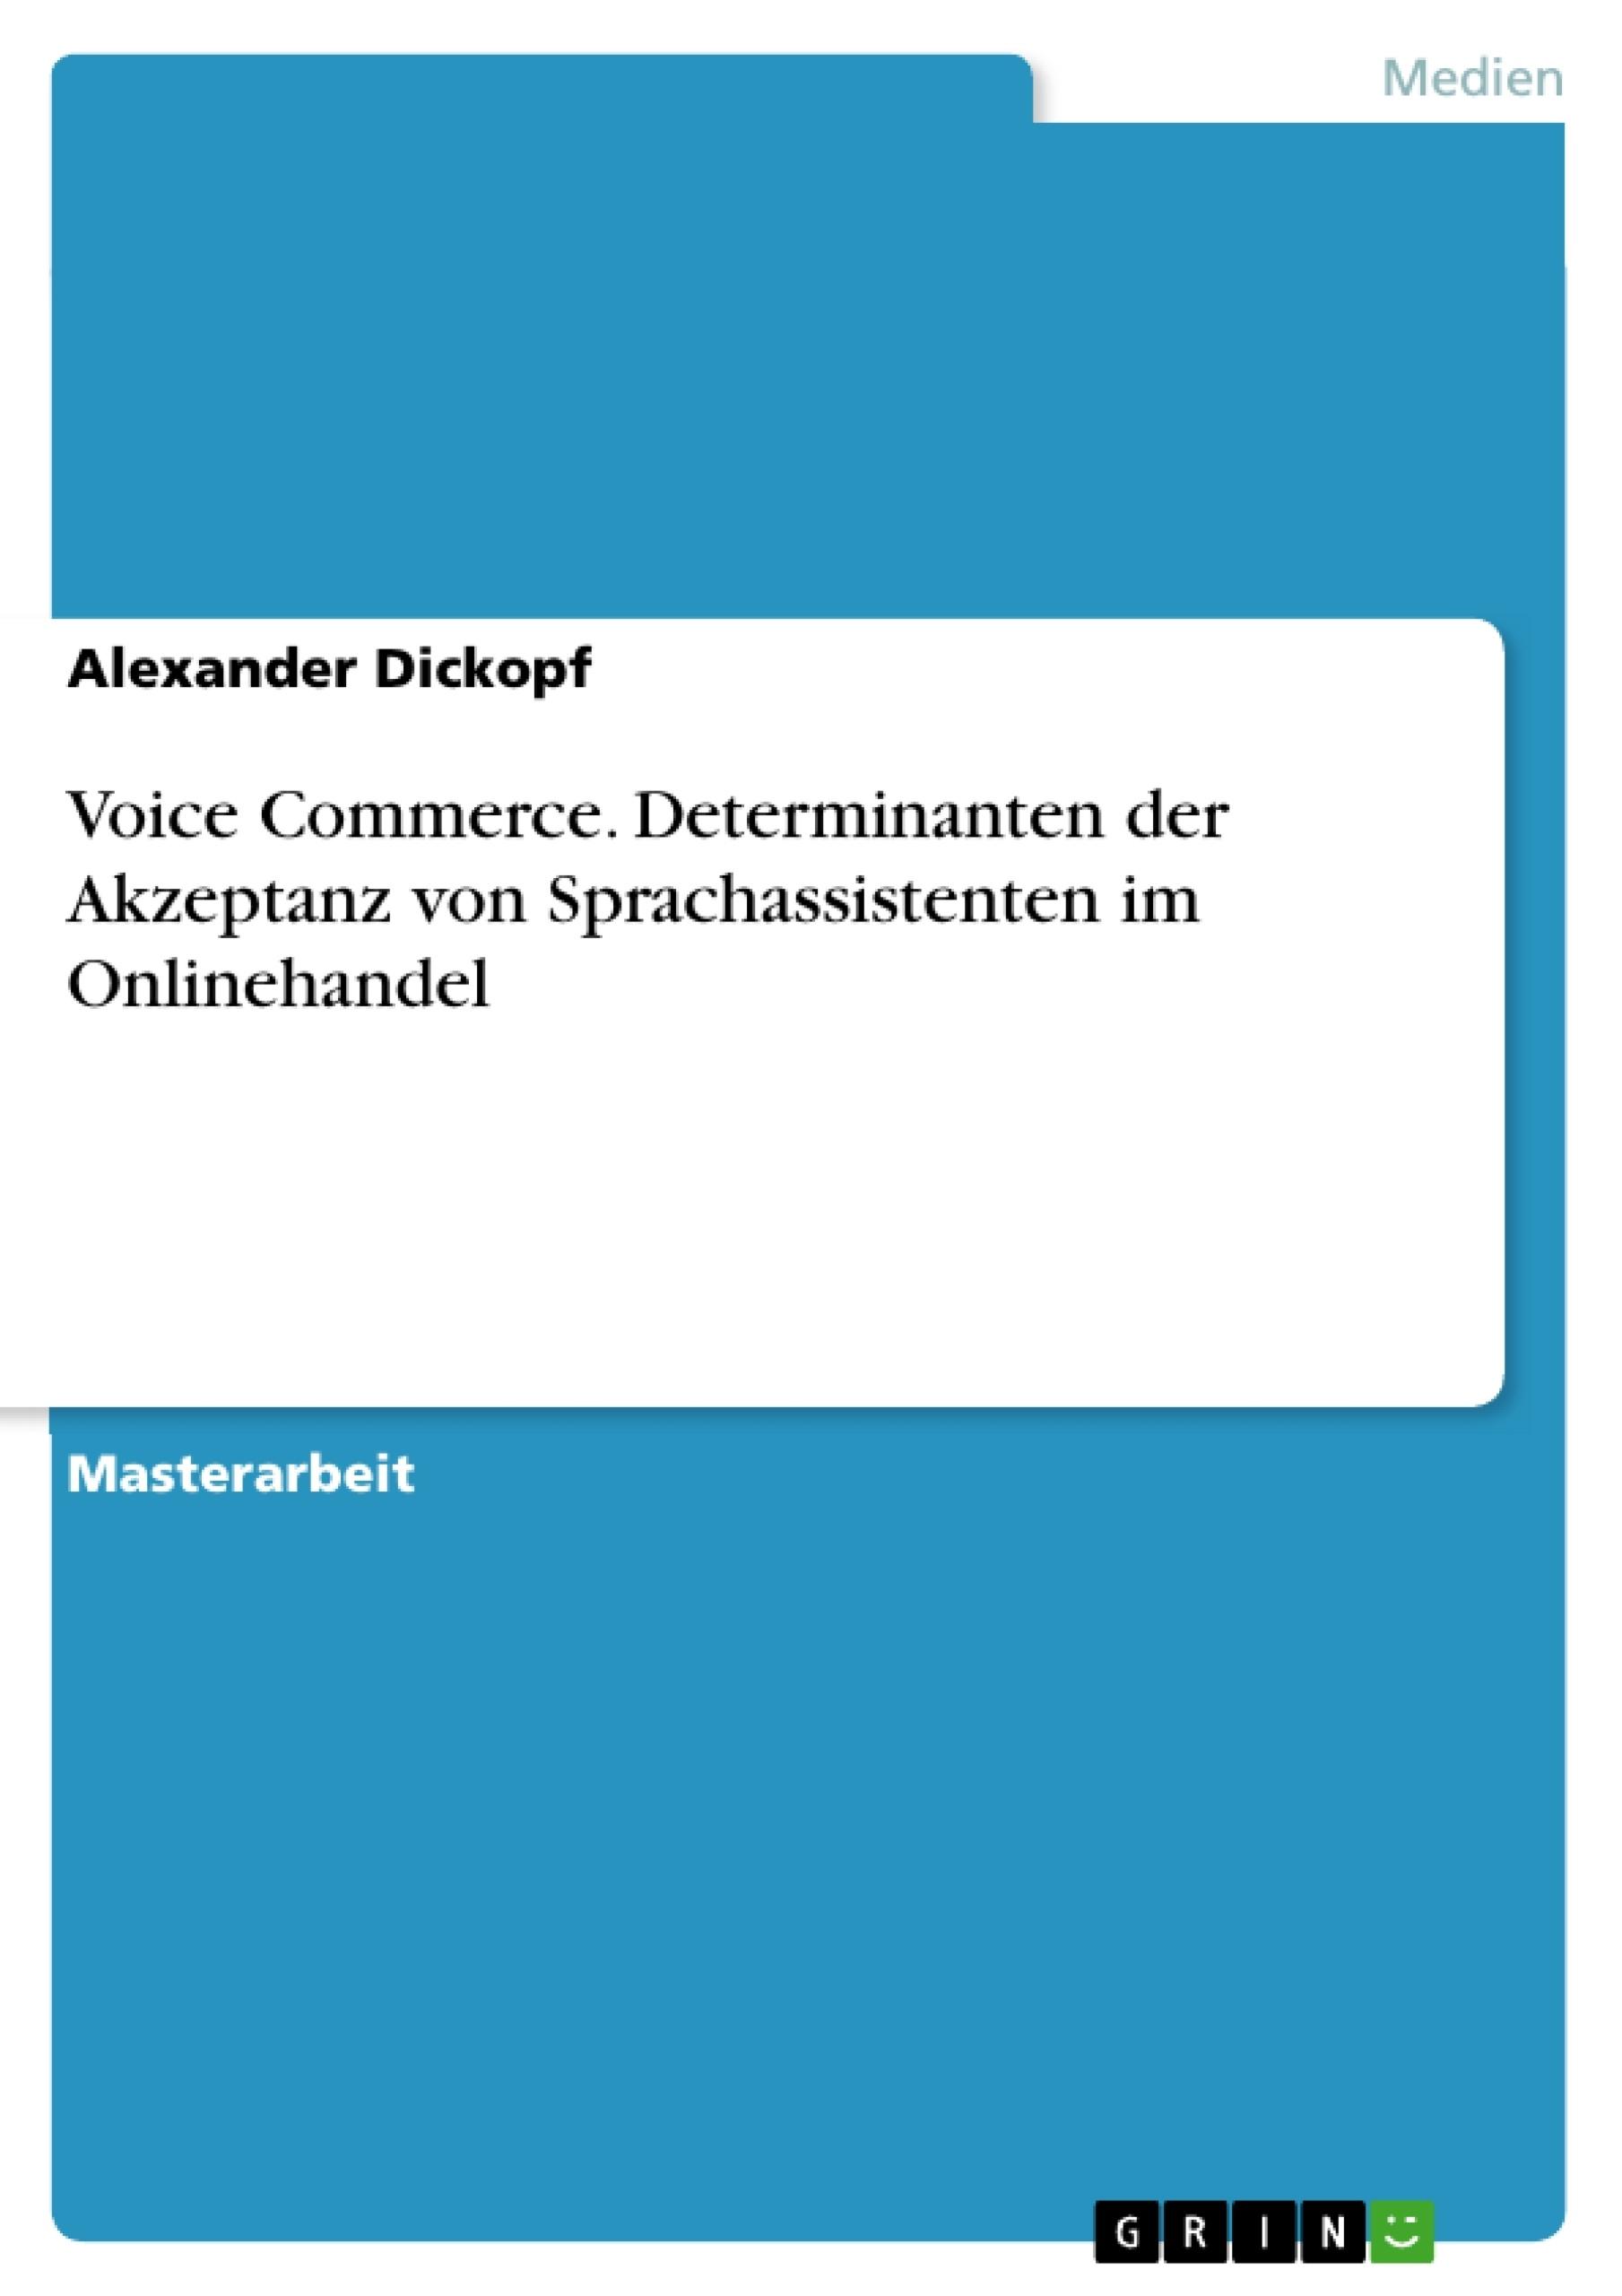 Titel: Voice Commerce. Determinanten der Akzeptanz von Sprachassistenten im Onlinehandel